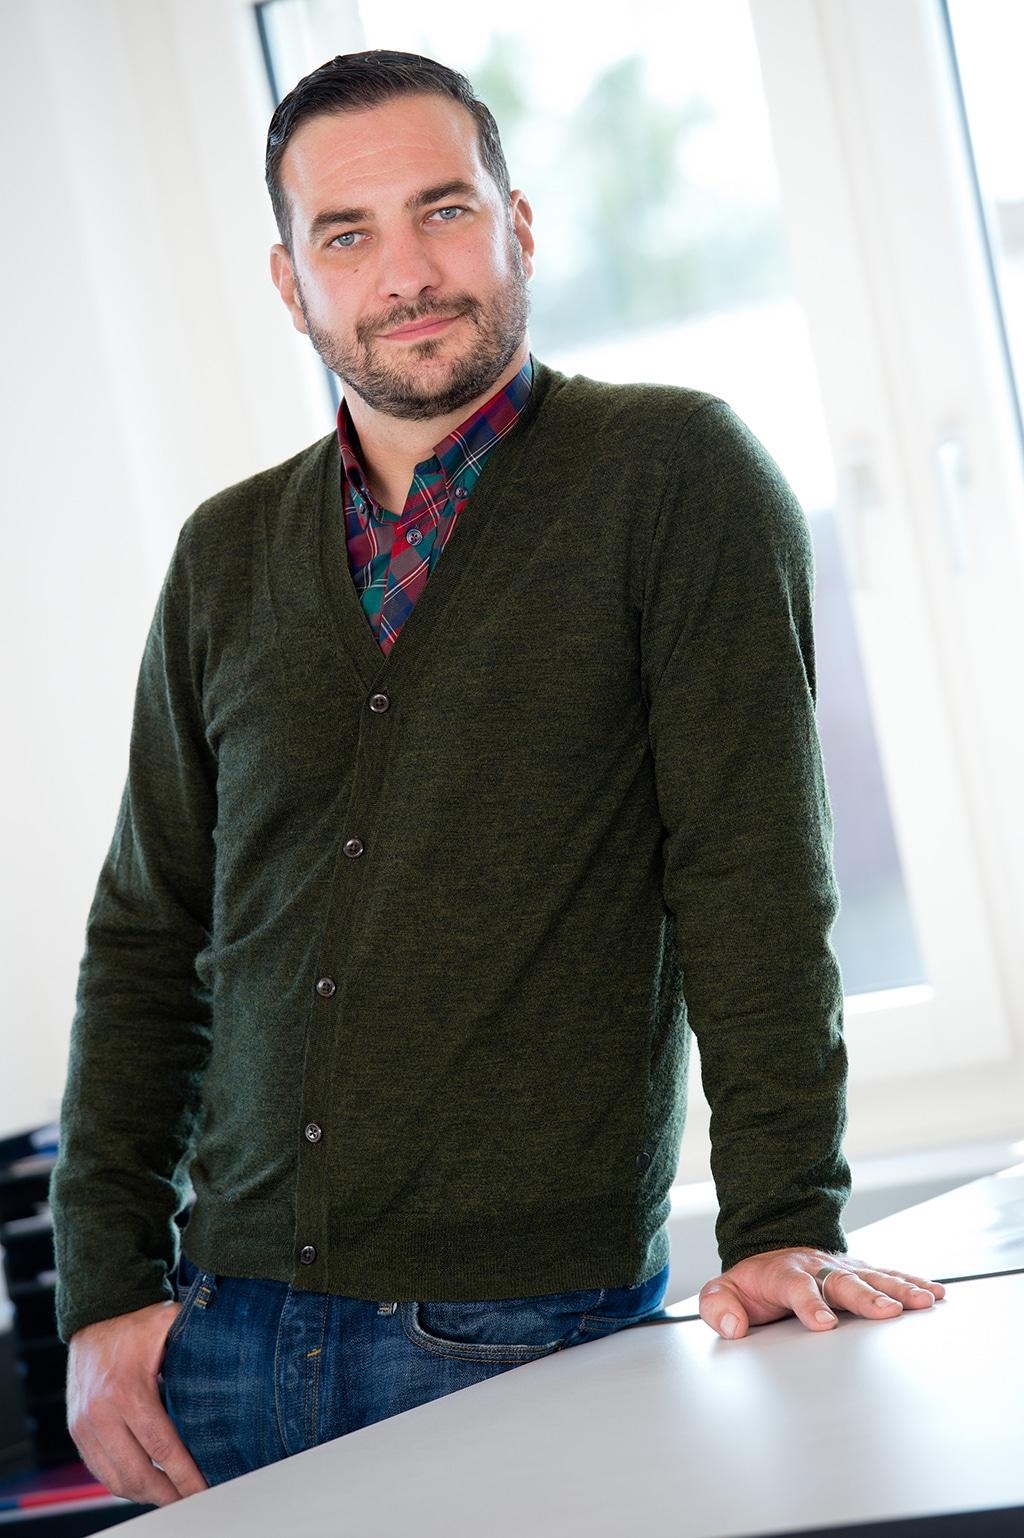 Architekt und Niederlassungsleiter bei Nüssli: Michael Kelm.